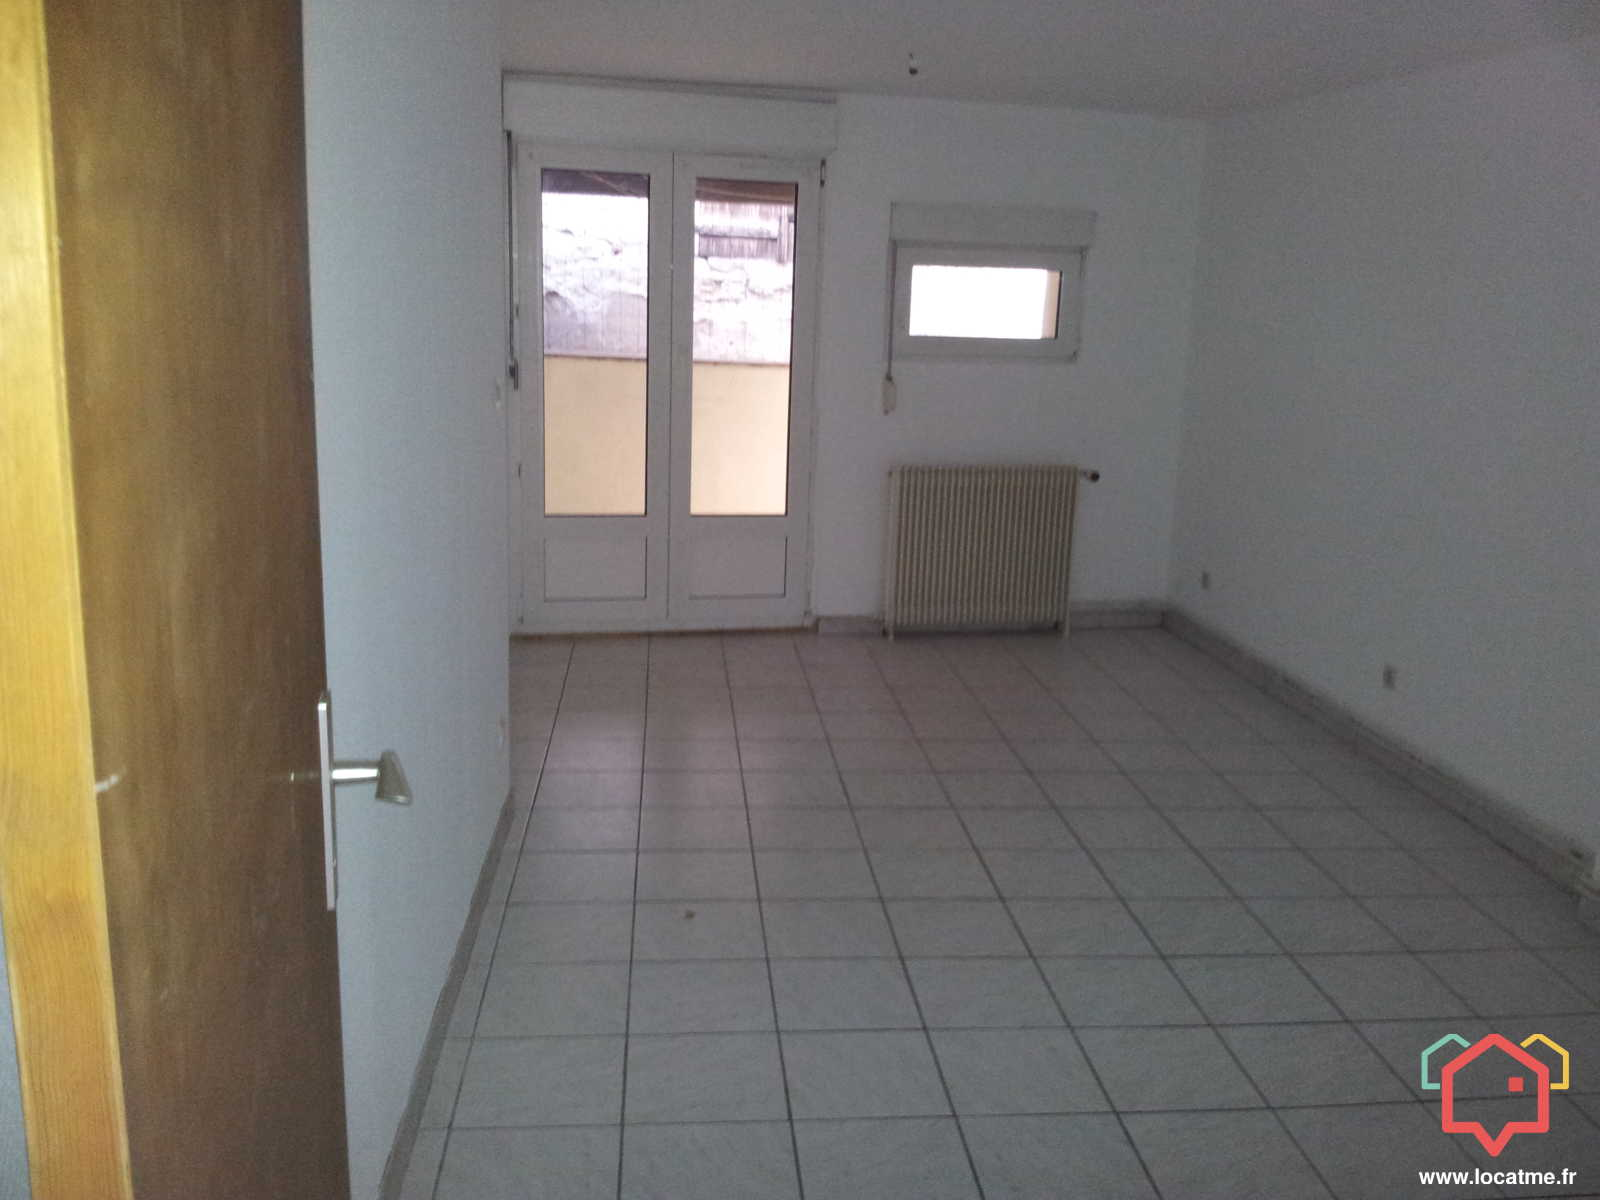 Appartement Non Meublé De 89m2 à Louer à Mulhouse